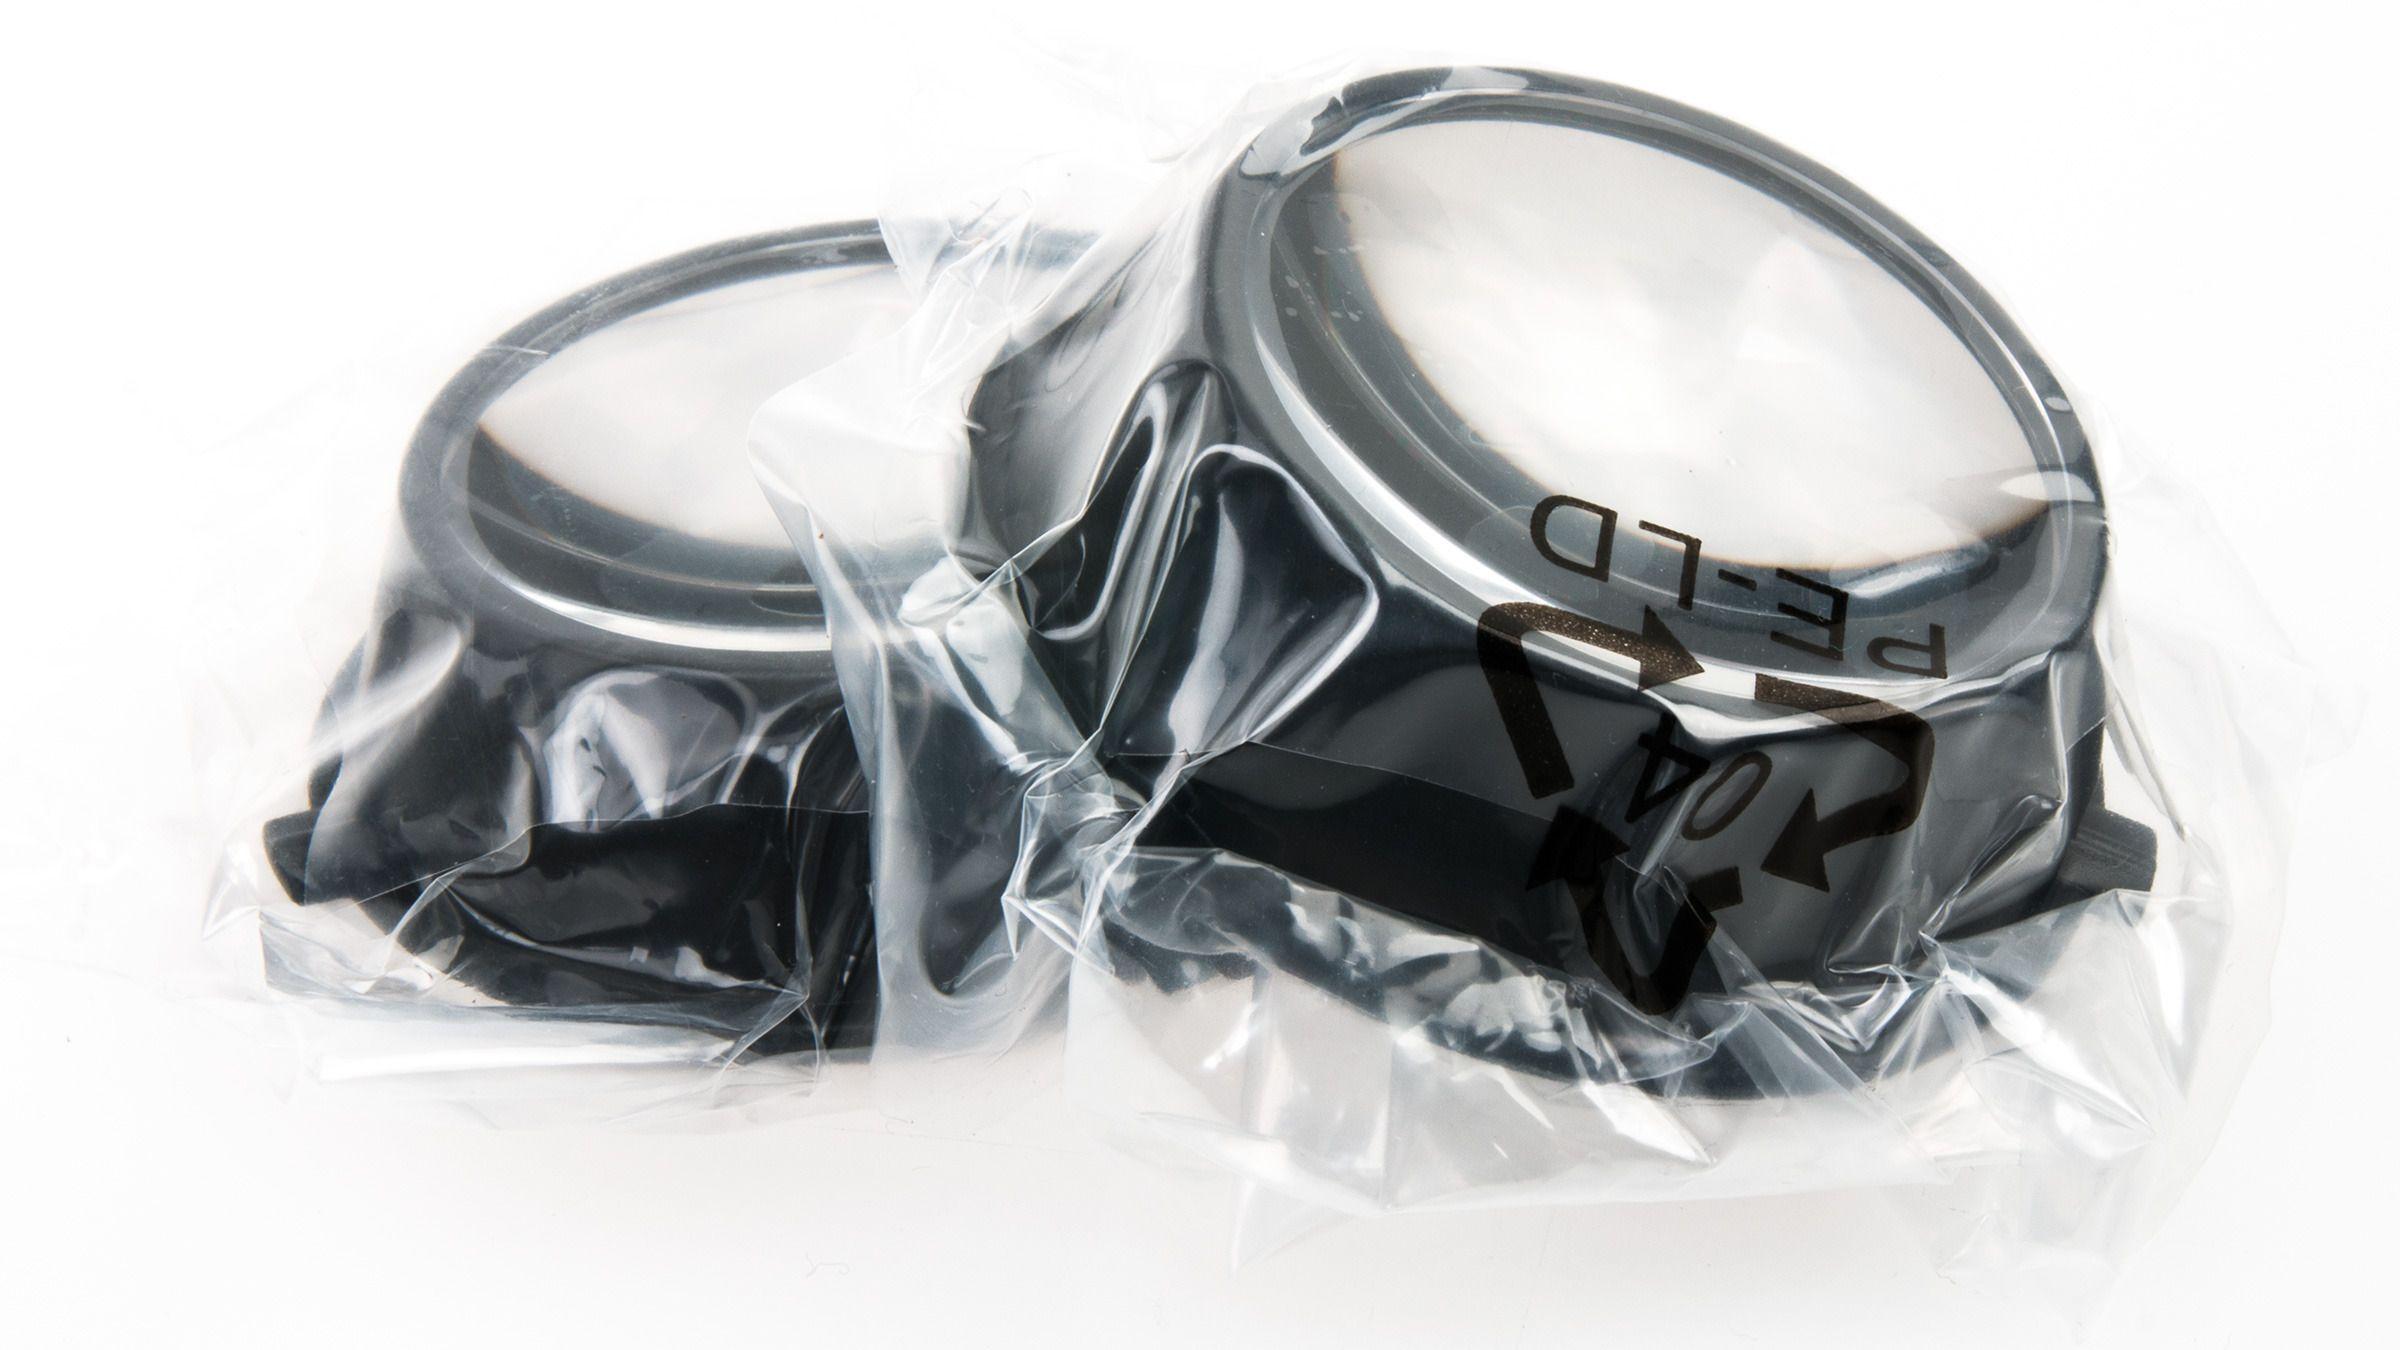 Hvis du er nærsynt kan disse linsekoppene brukes i stedet for de som kommer ferdig montert inni riften.Foto: Varg Aamo, Tek.no